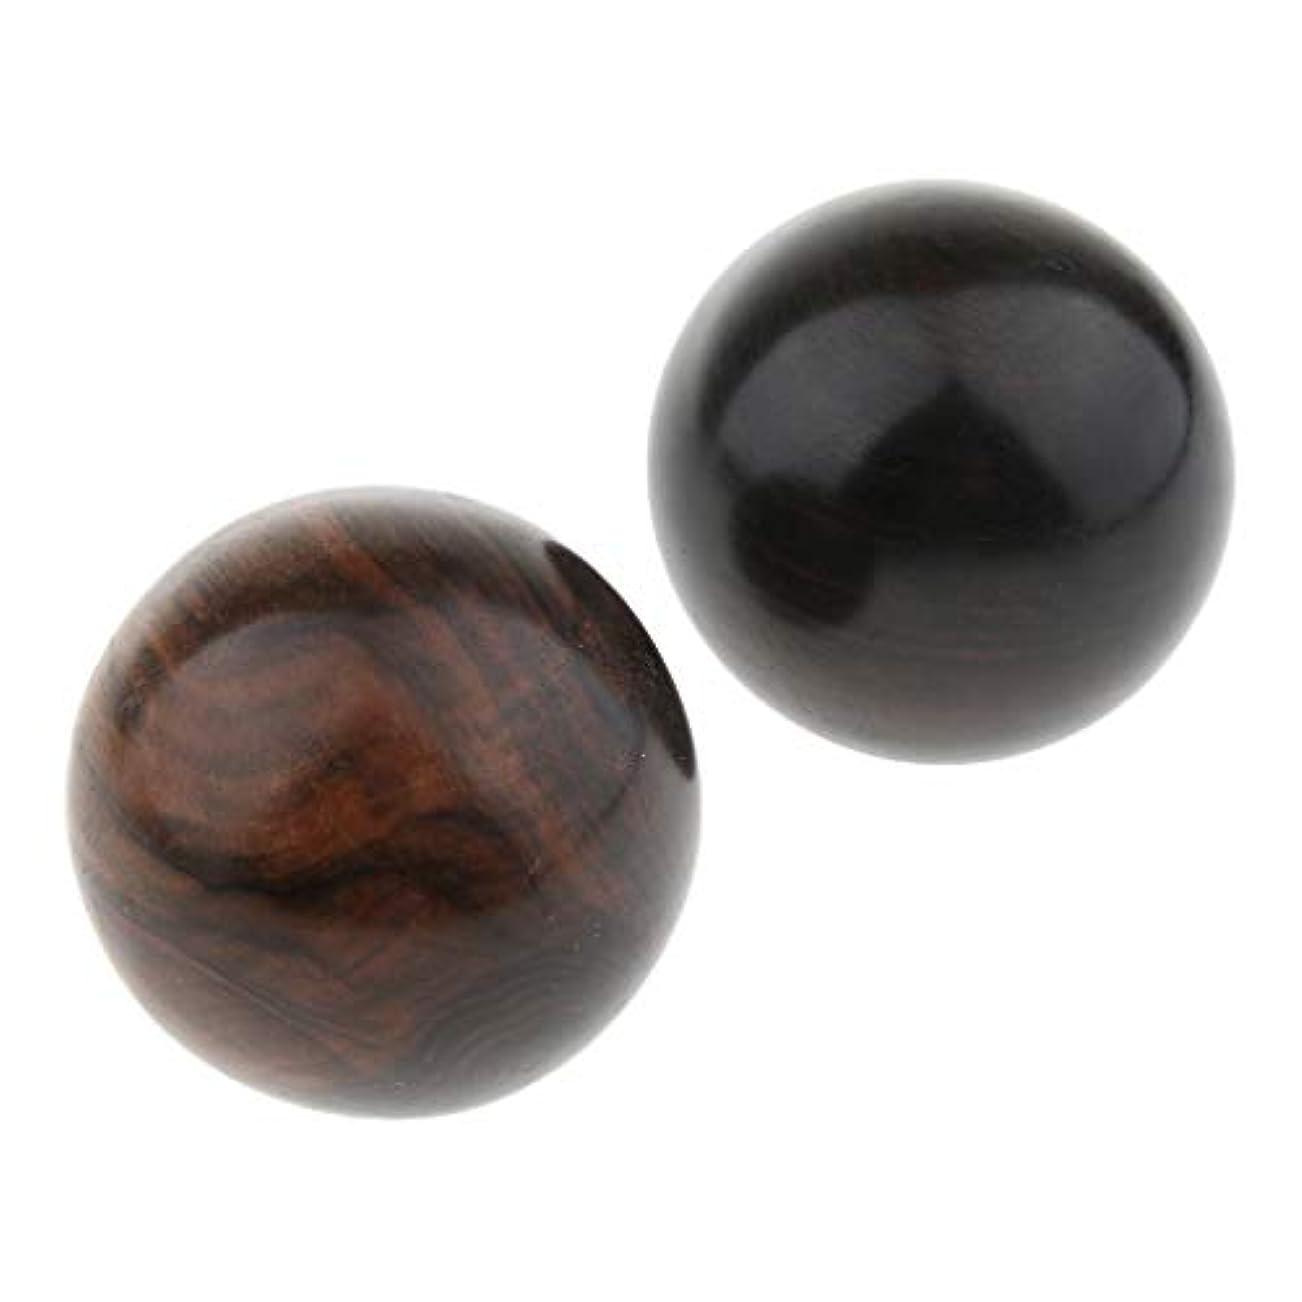 電気陽性表向き死の顎dailymall 2個 マッサージボール ハンドボール 木製 マッサージハンドボール トリガーポイント ストレス緩和